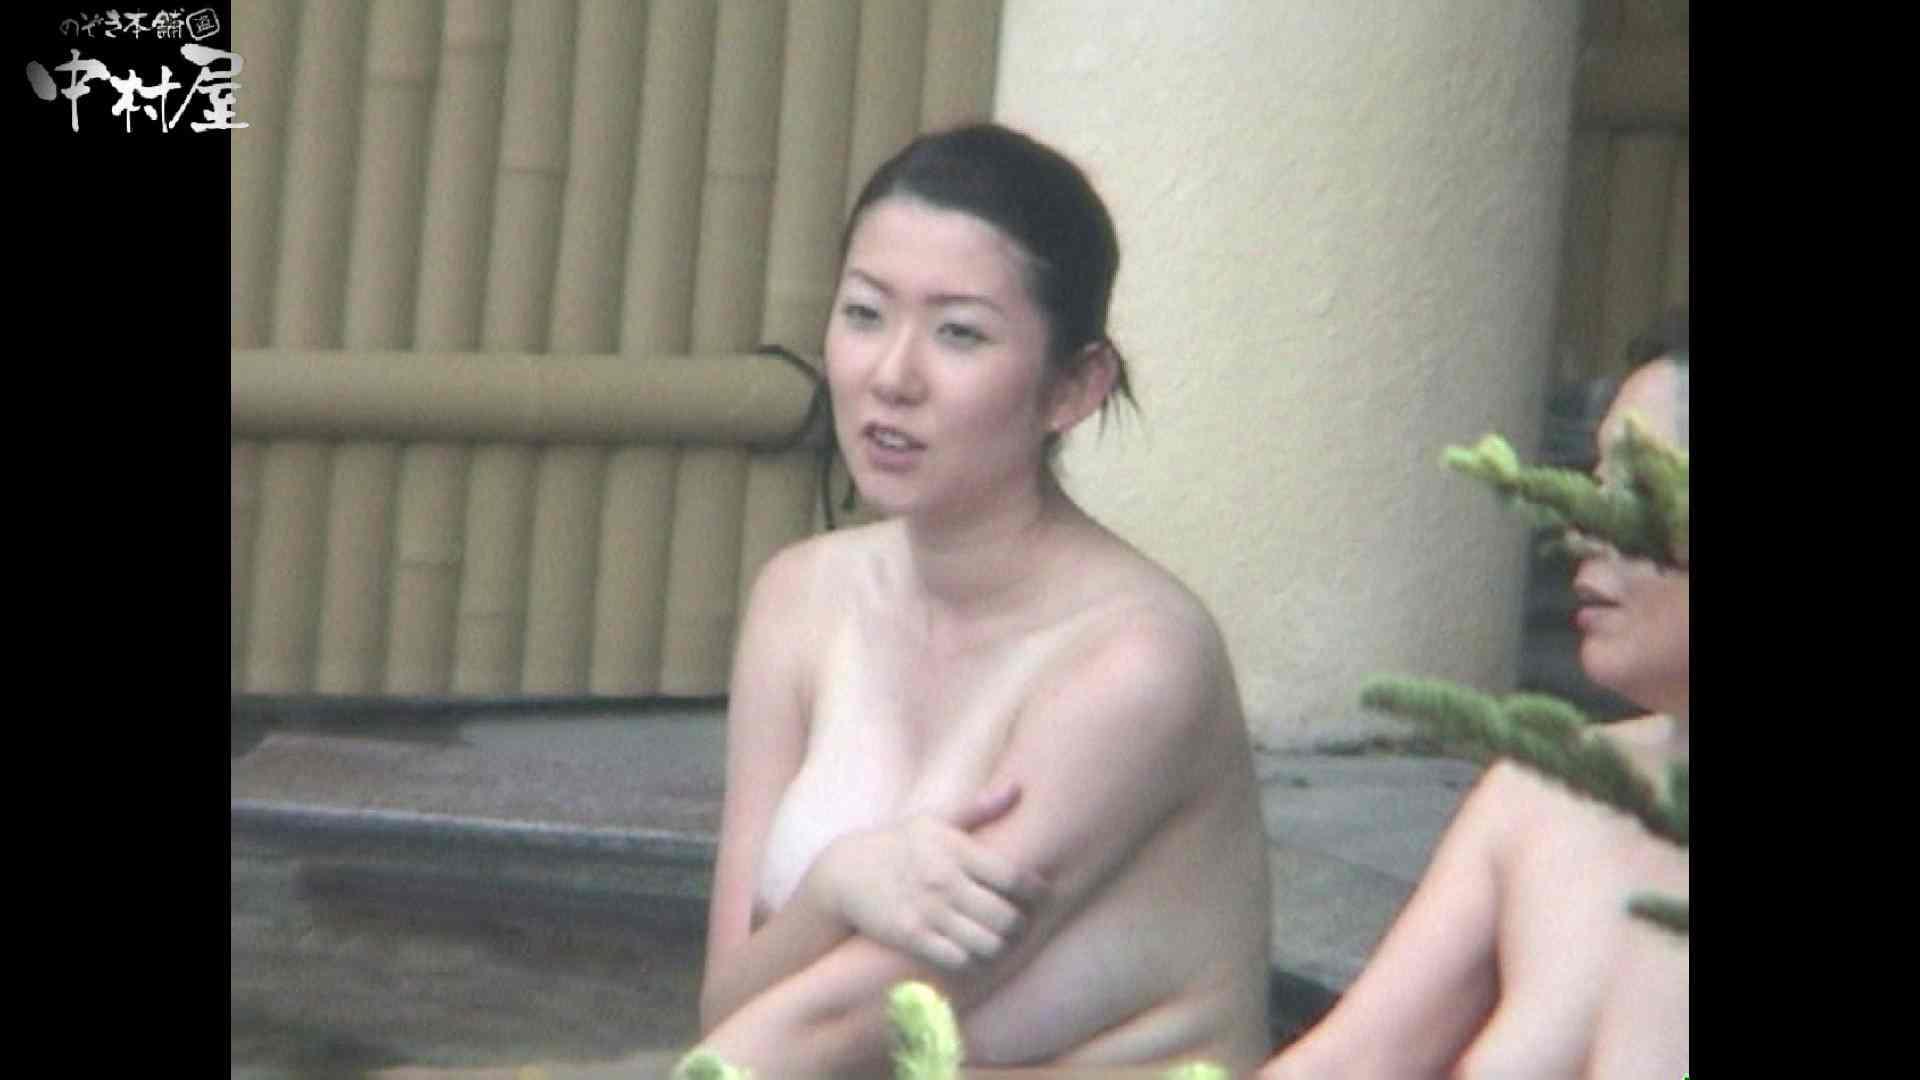 Aquaな露天風呂Vol.961 OL女体   女体盗撮  65連発 4